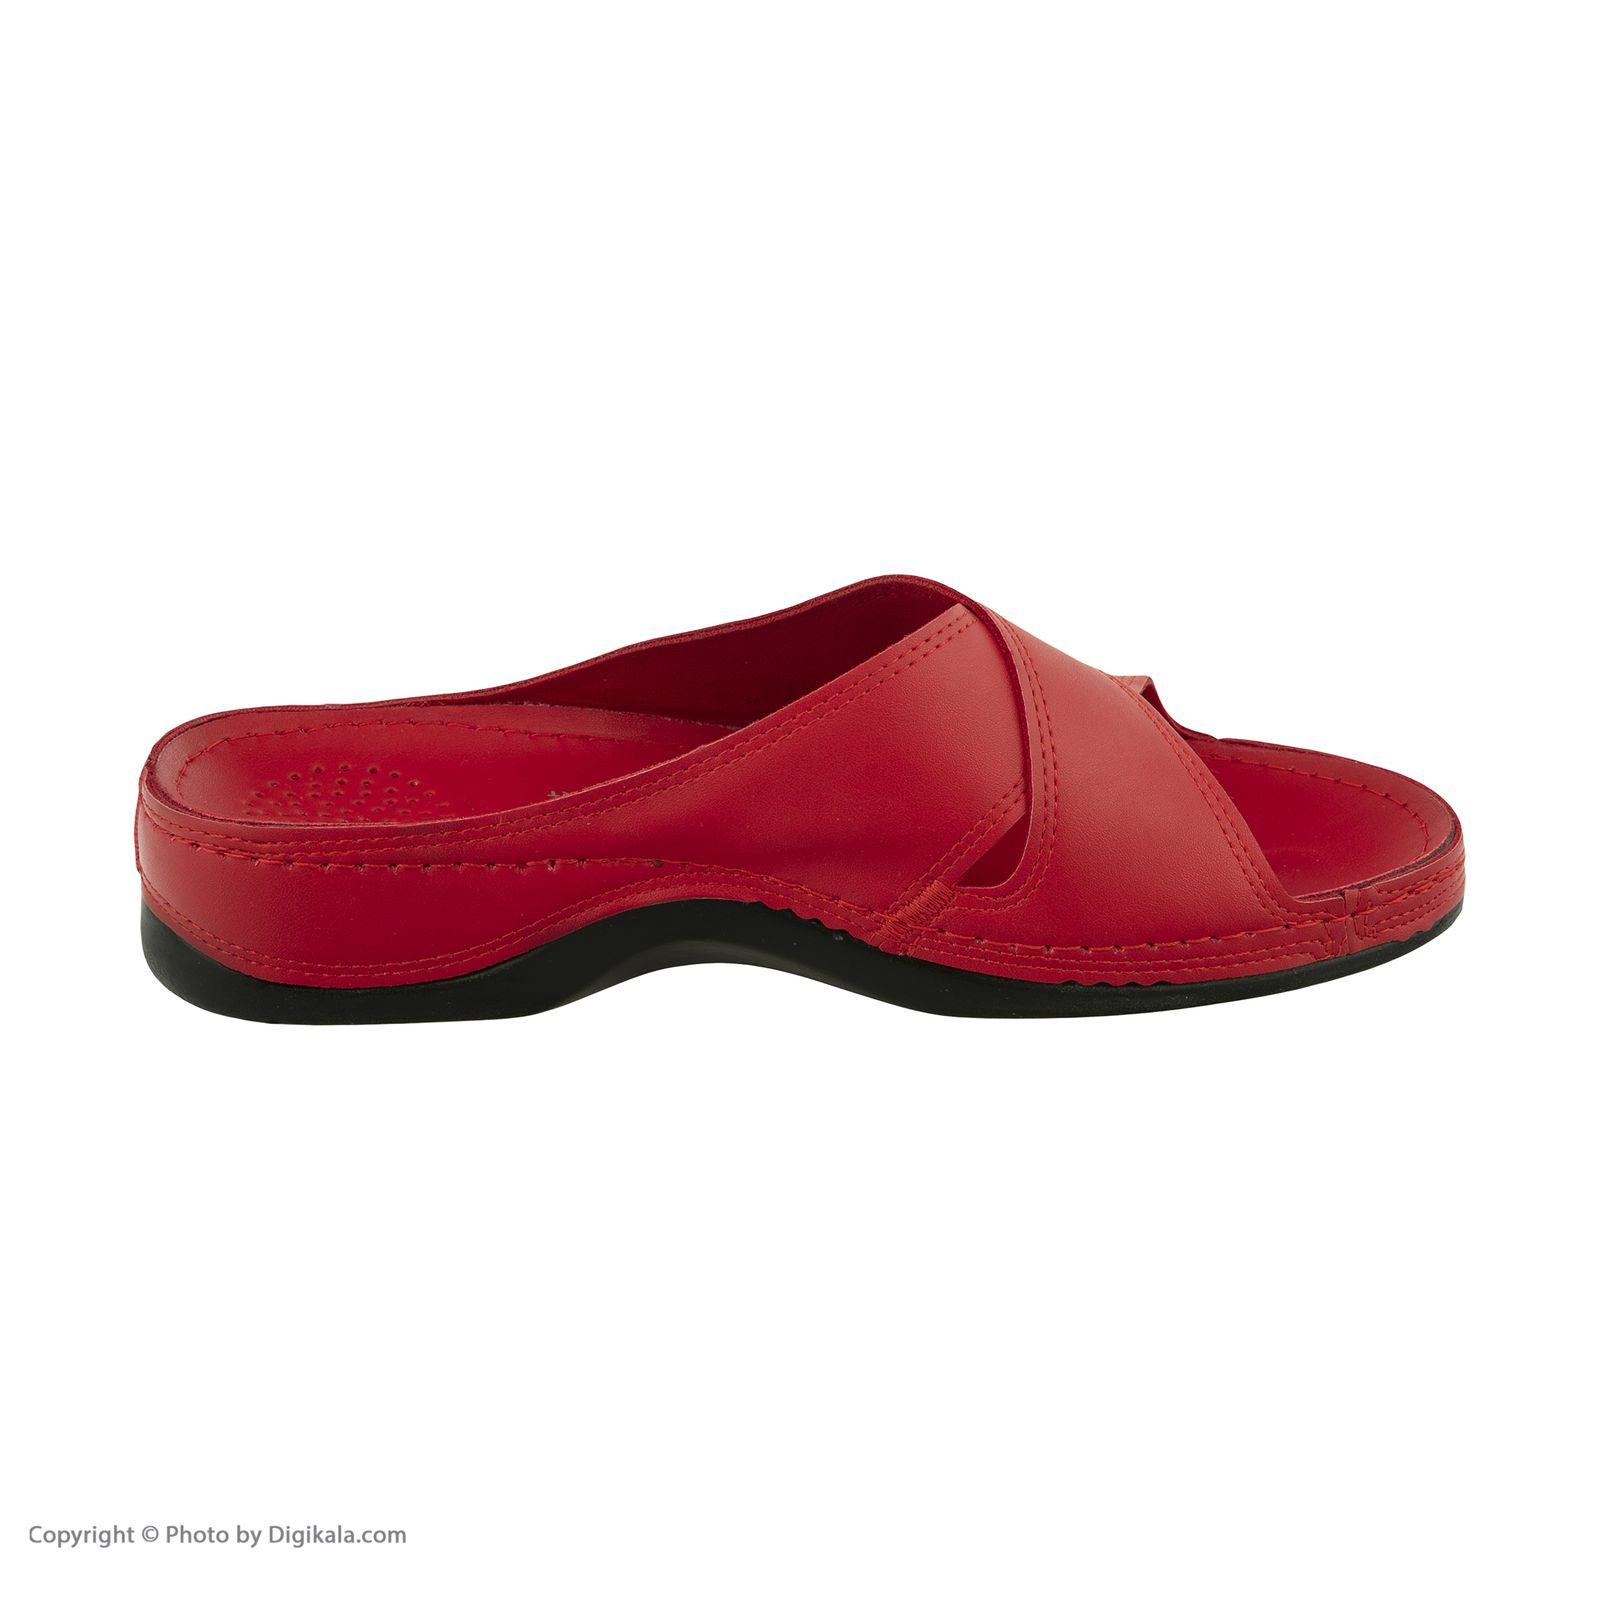 دمپایی زنانه کفش آویده کد av-0304506 رنگ قرمز -  - 4